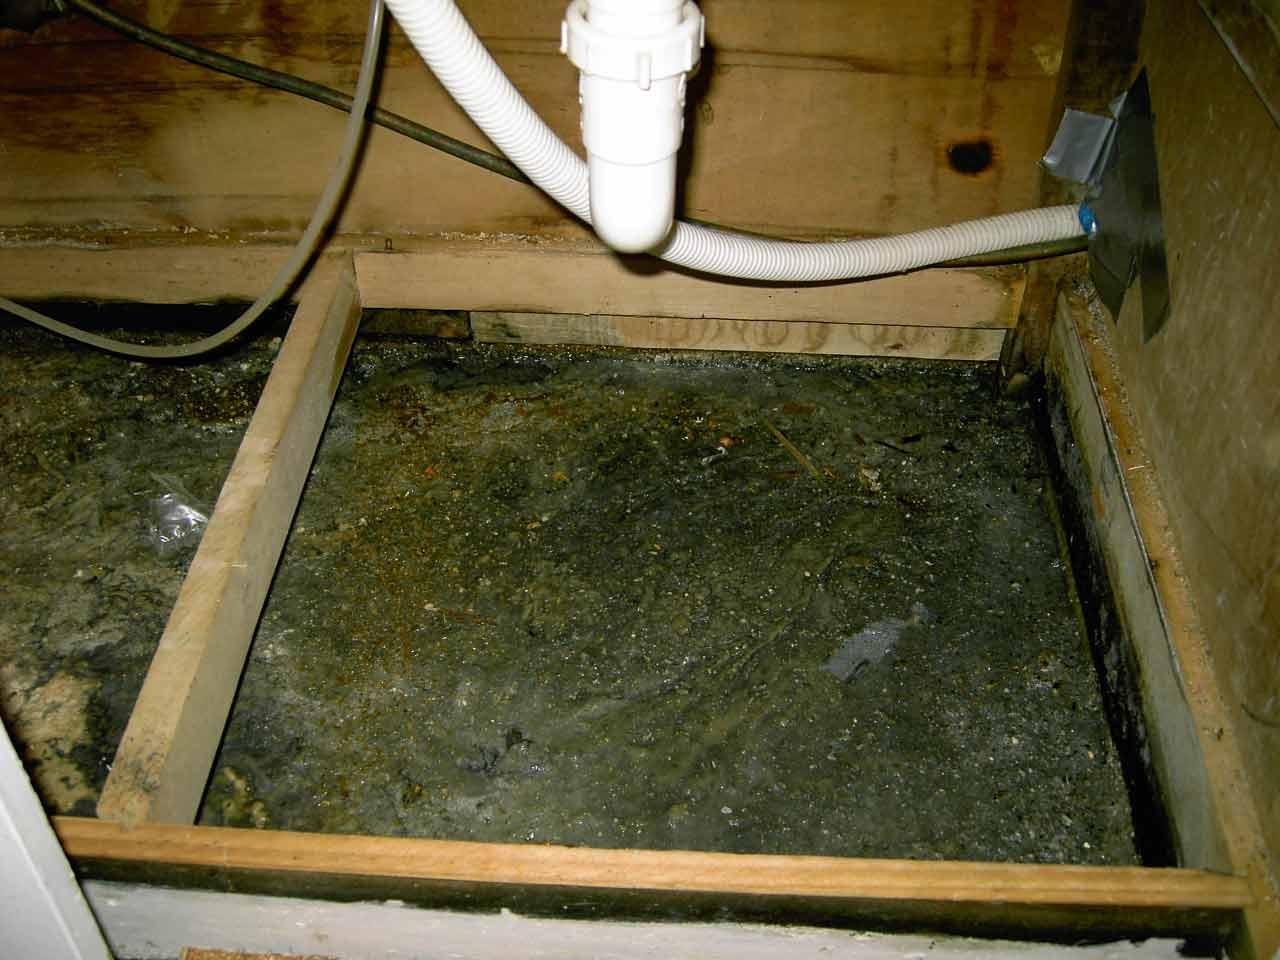 mold under sink diy home improvement